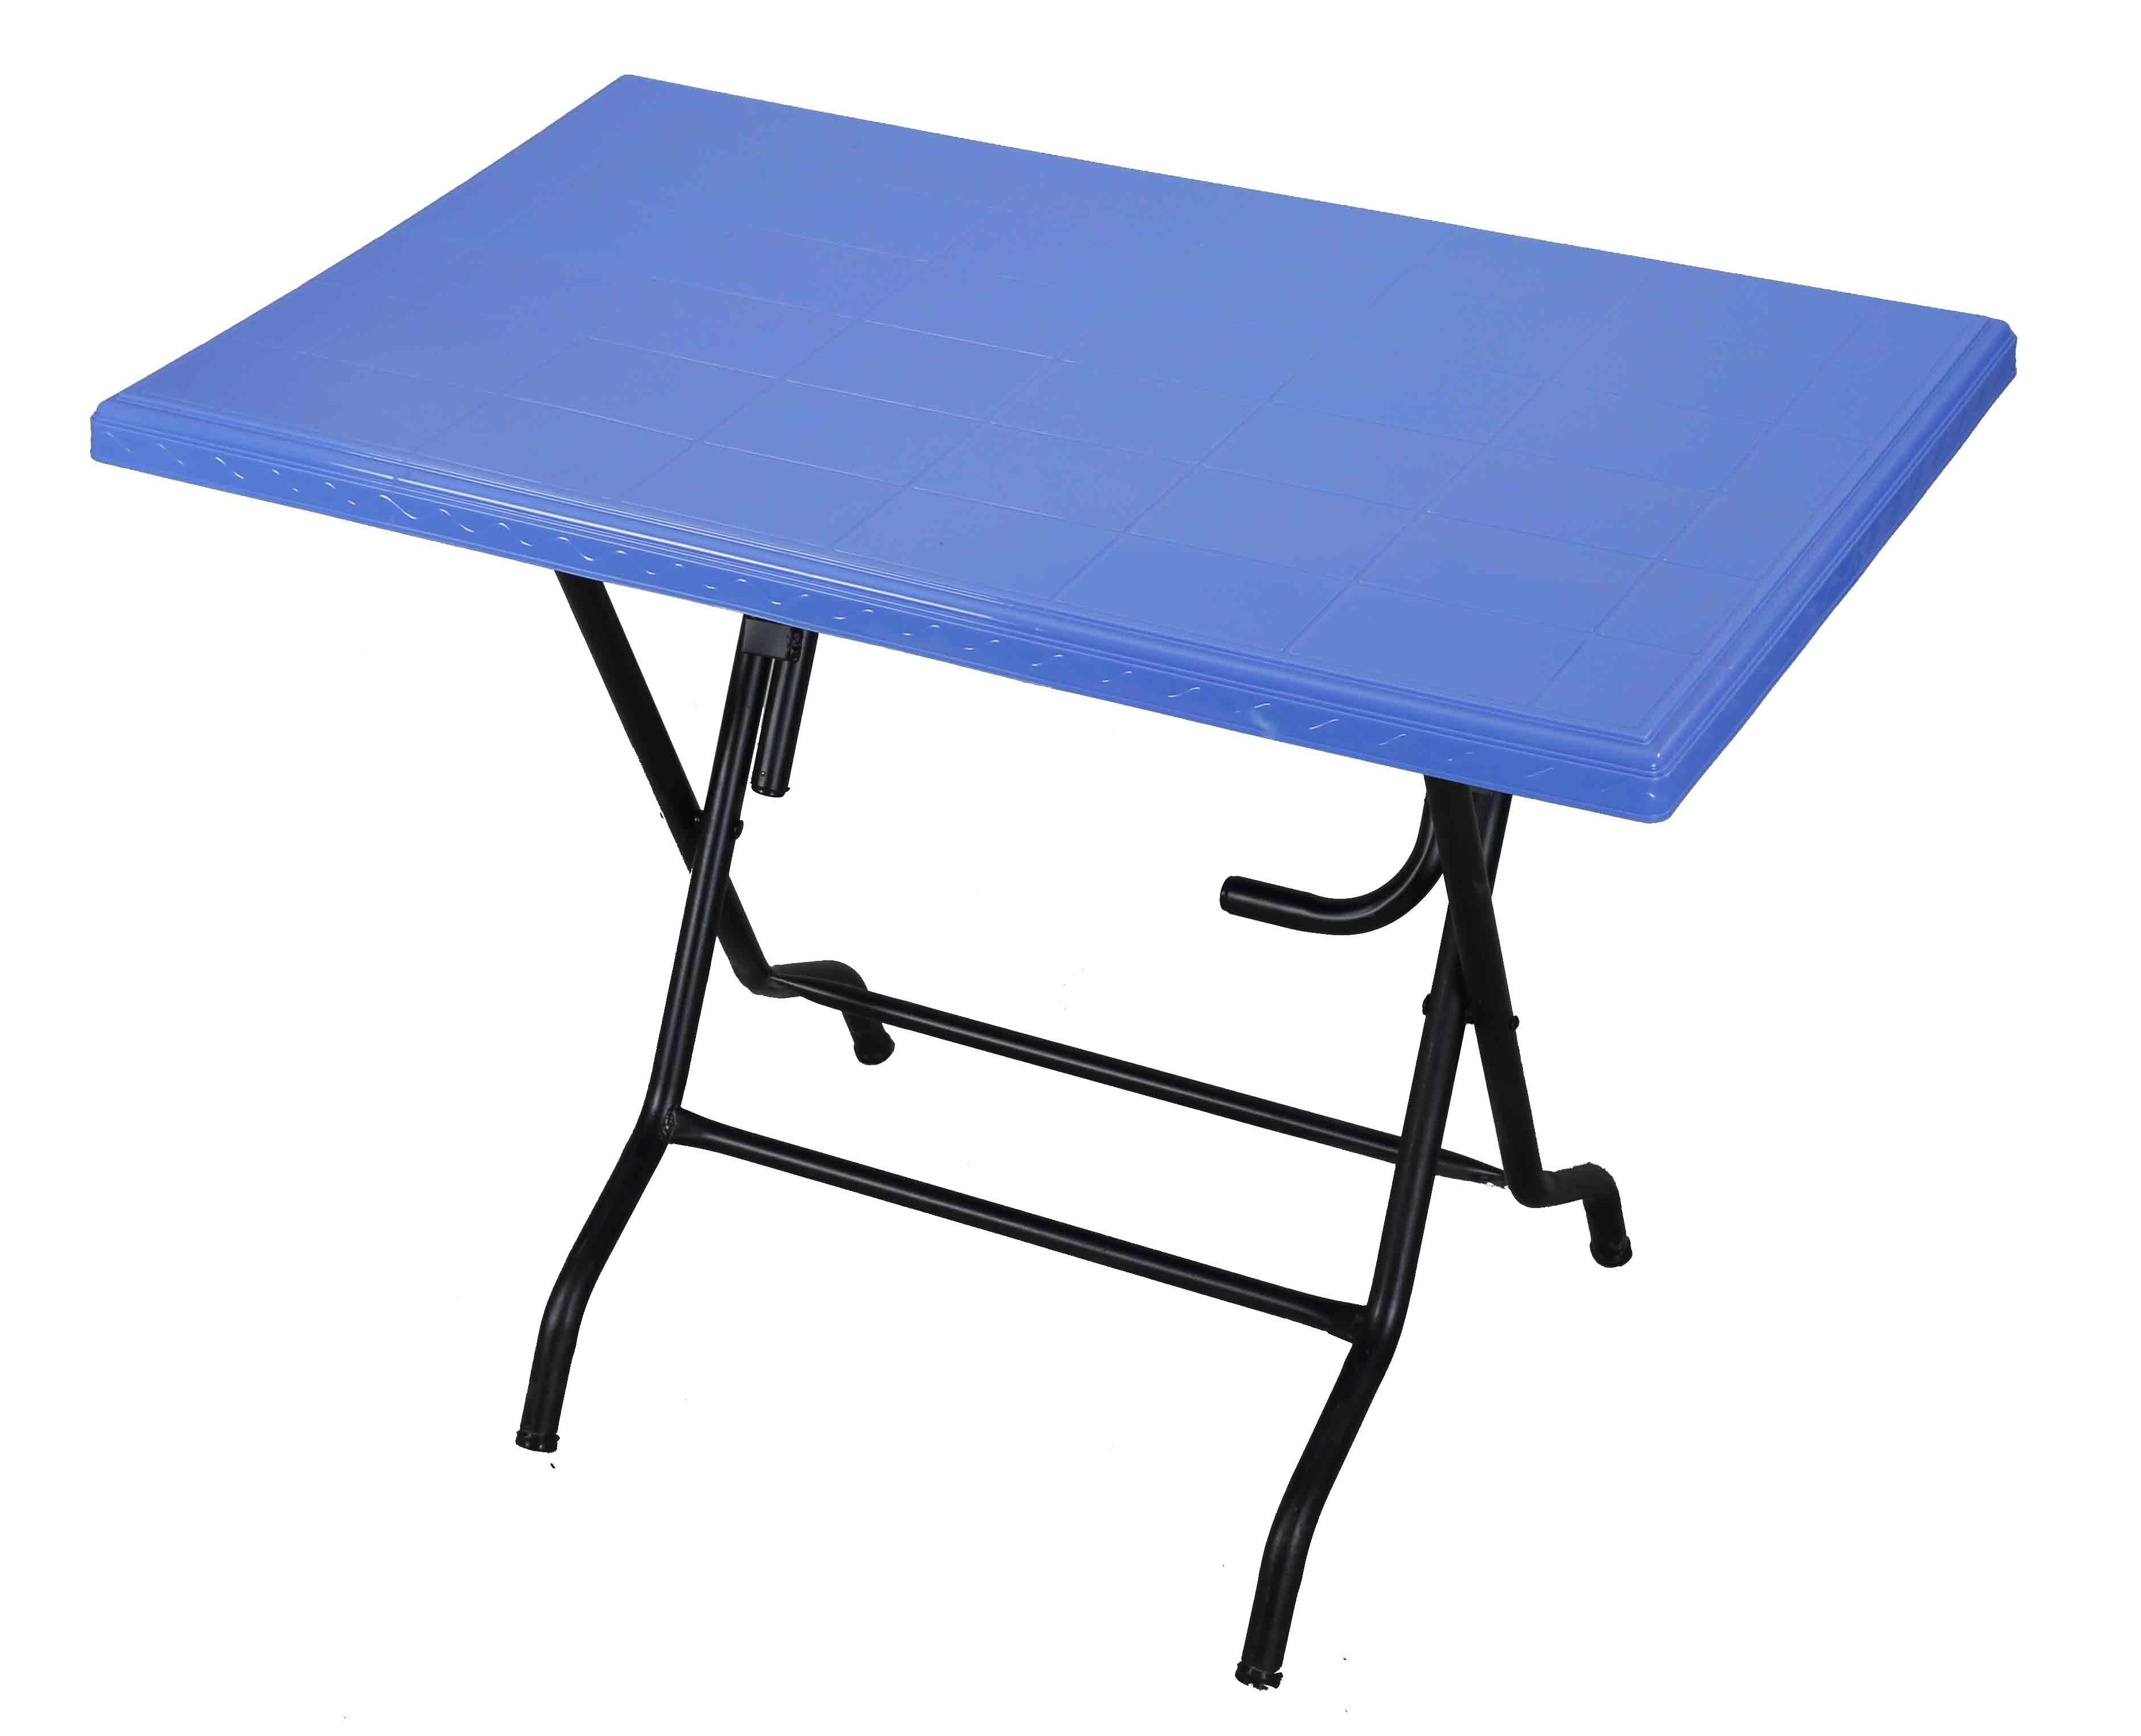 Restaurant Table St/Leg – SM Blue